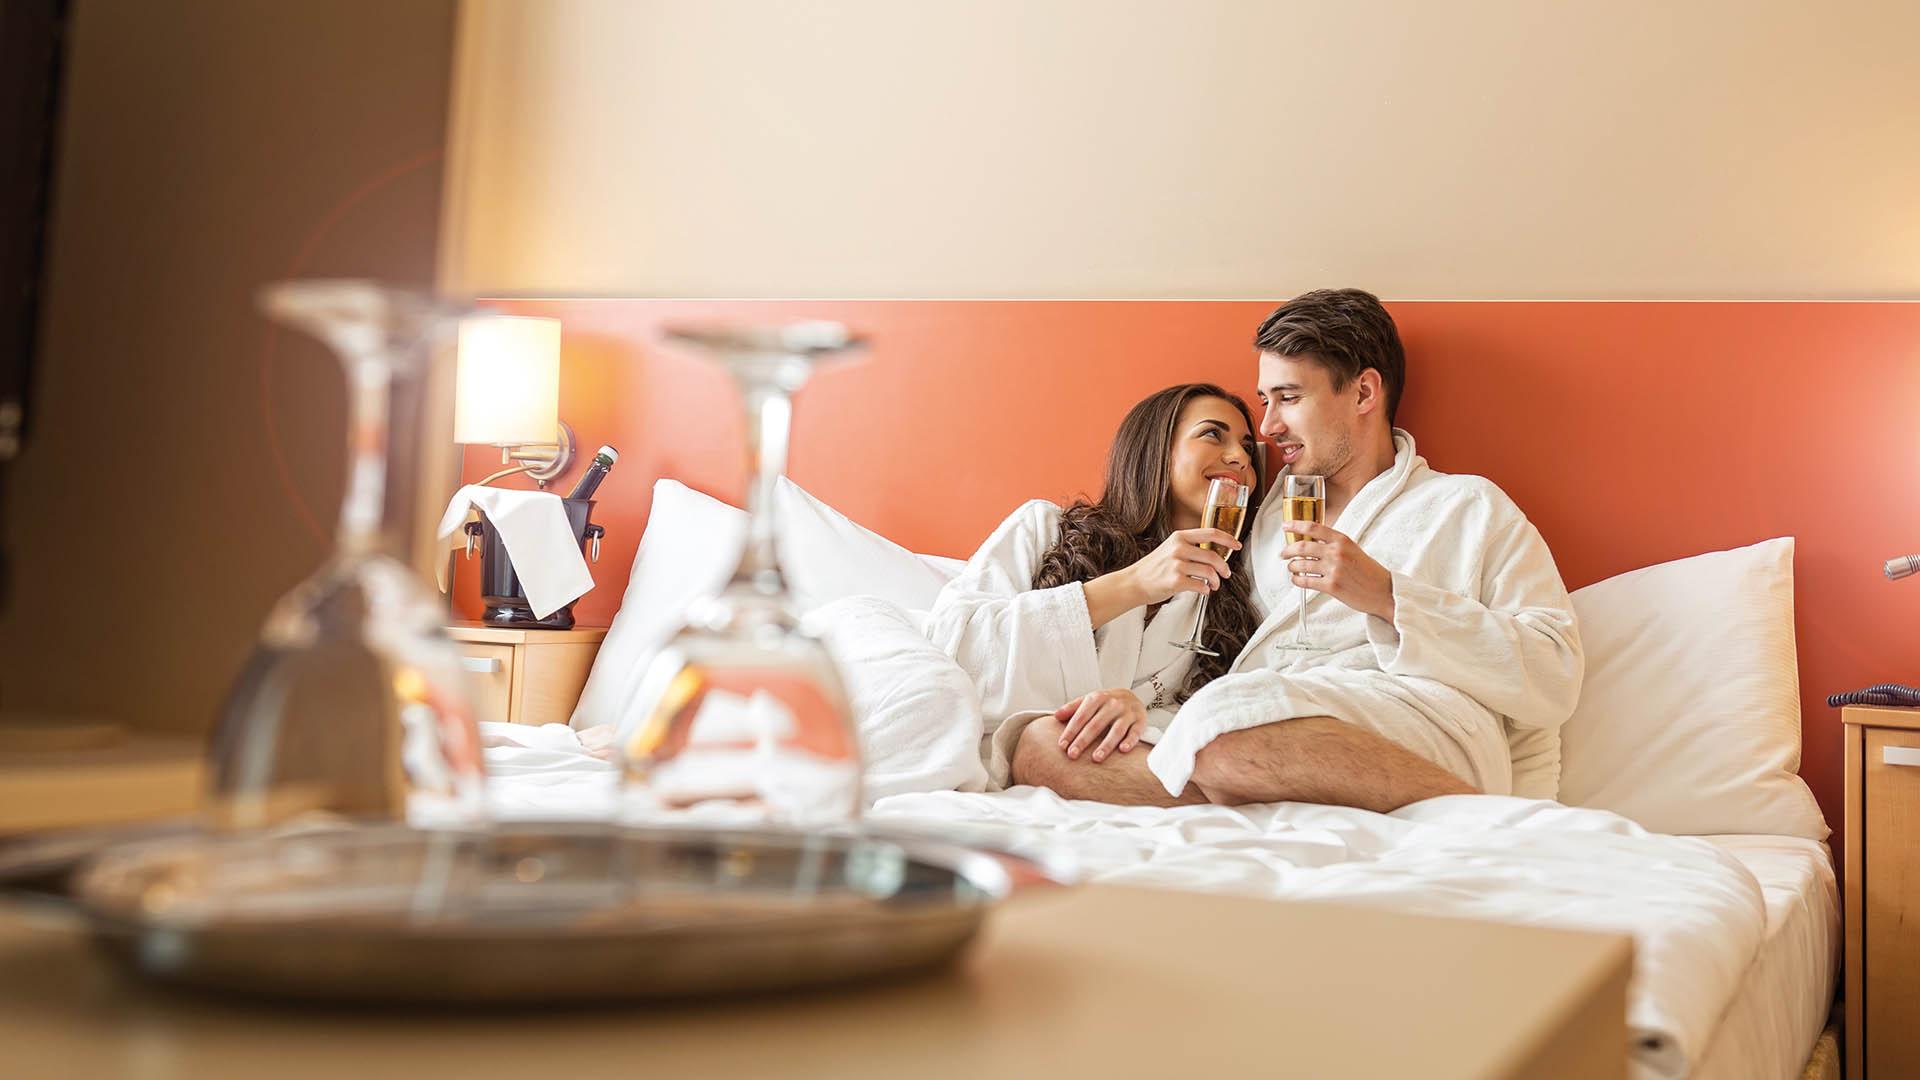 Горячая ночь в отеле парень и девушкой видео